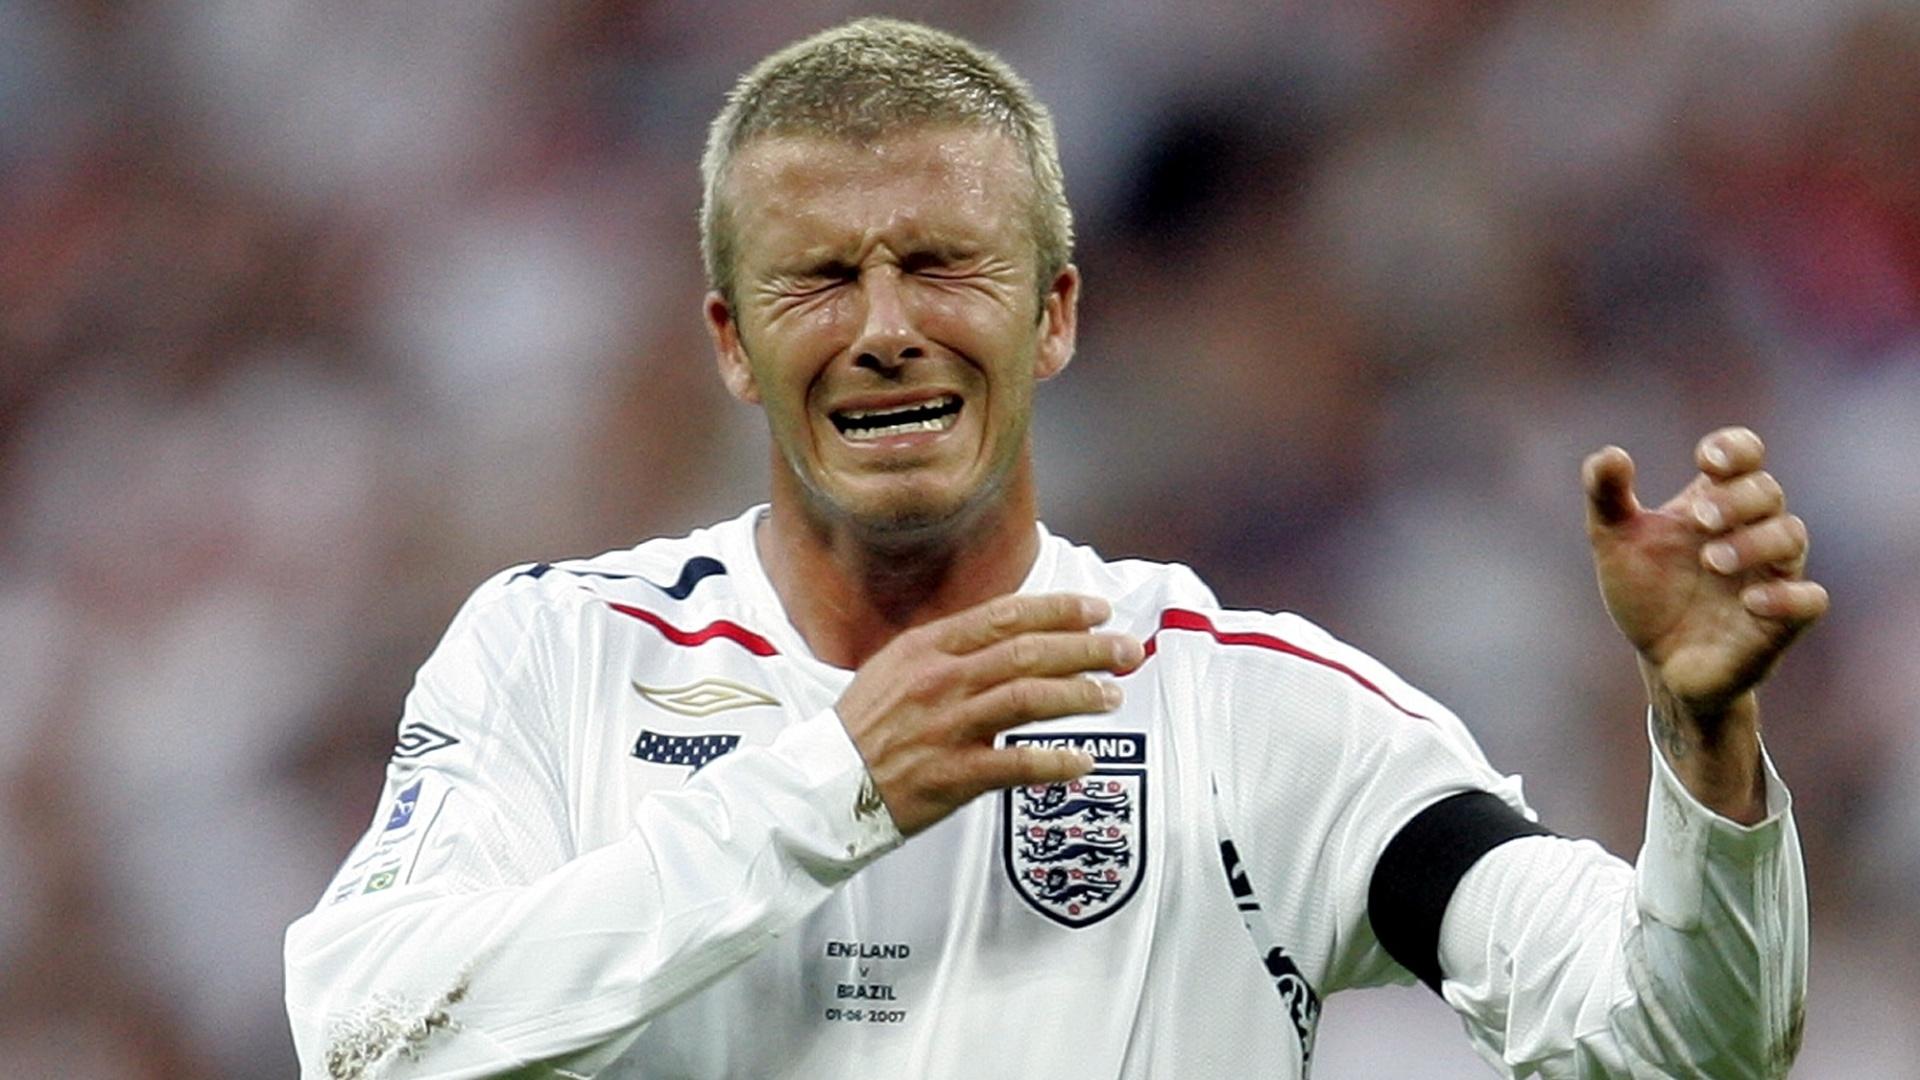 01.jun.2007 - Beckham com cabelo rapado durante amistoso entre Inglaterra e Brasil, em 2007